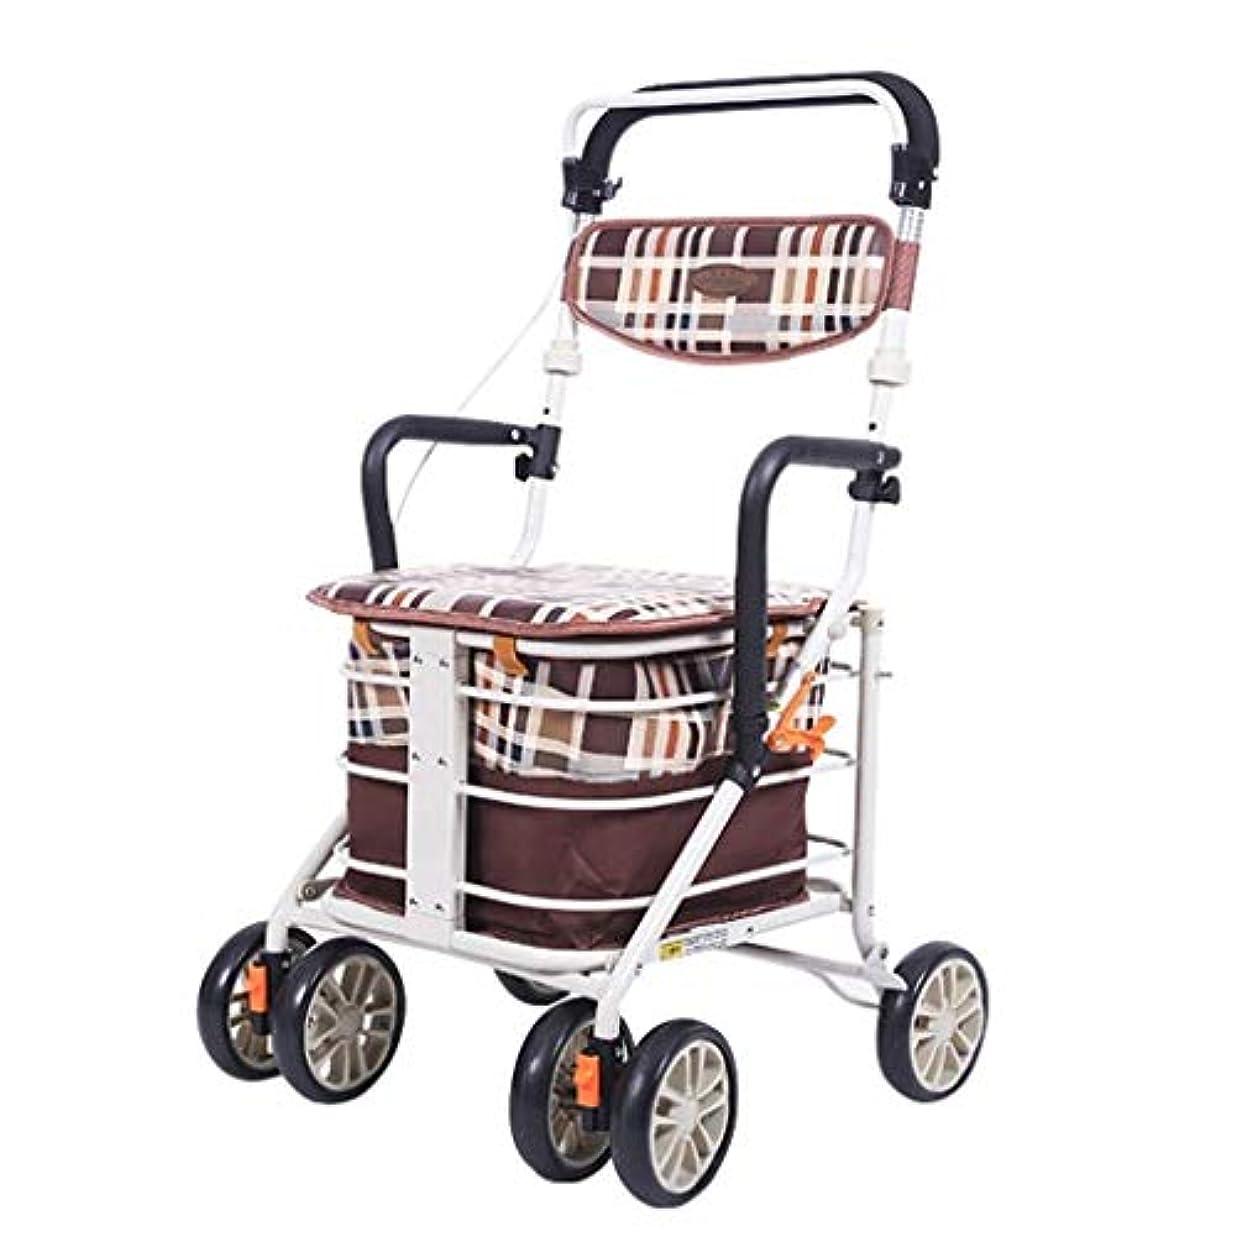 劇作家輪郭蒸留ハンドブレーキ高齢者歩行者が付いている軽量のアルミ合金の座席を折る多機能歩行者のトロリーショッピングカート